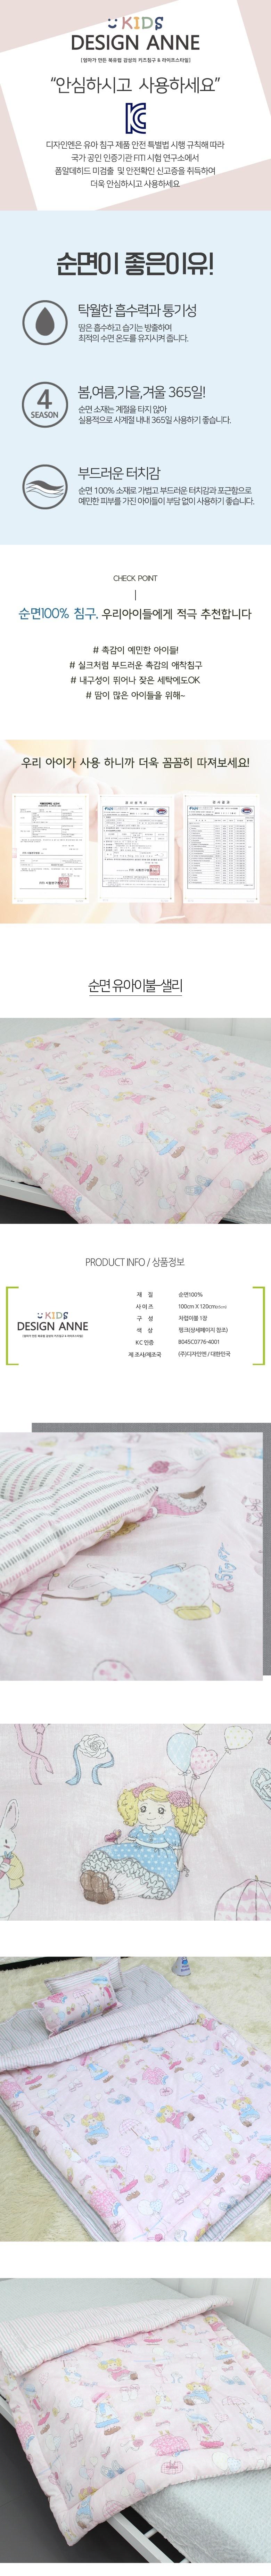 [디자인엔] 순면 유아이불_샐리 - (주)디자인엔, 27,900원, 패브릭/침구, 낮잠이불